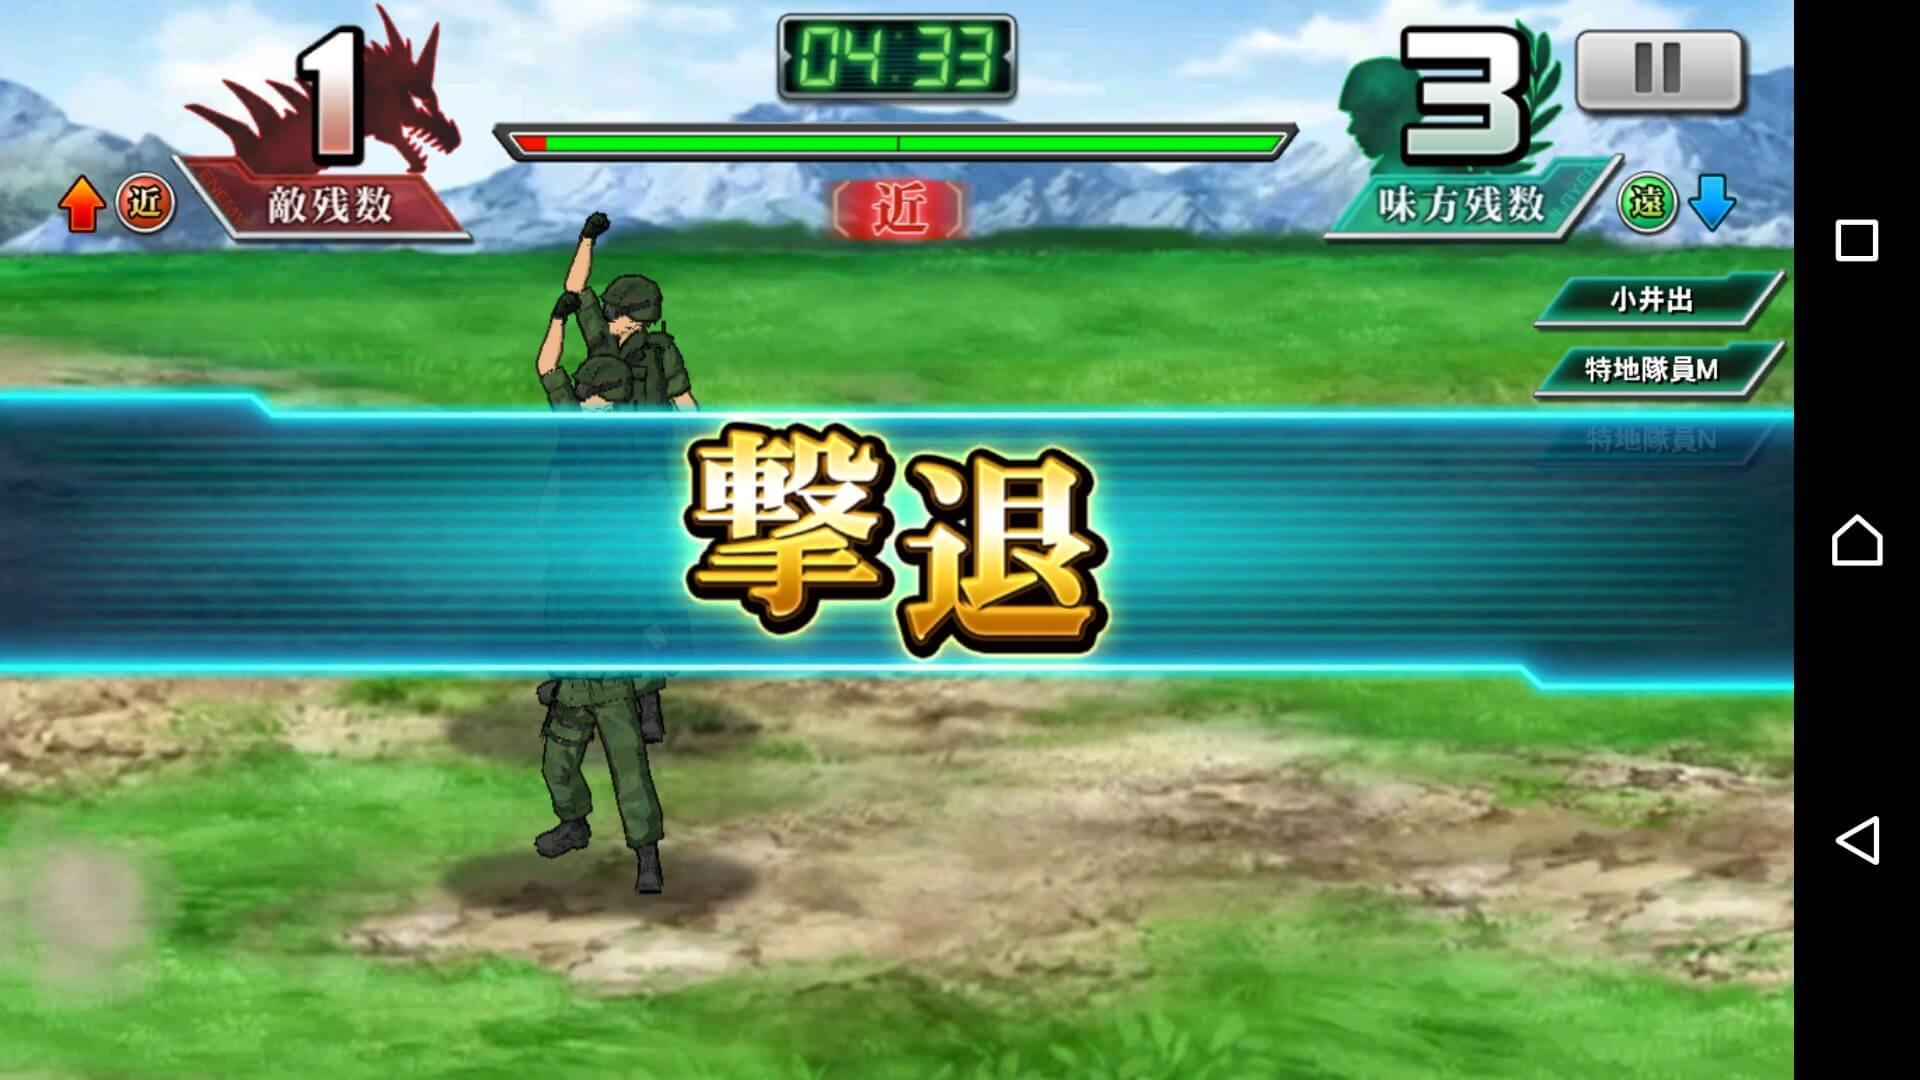 防衛戦で敵の撃退に成功した画面です。